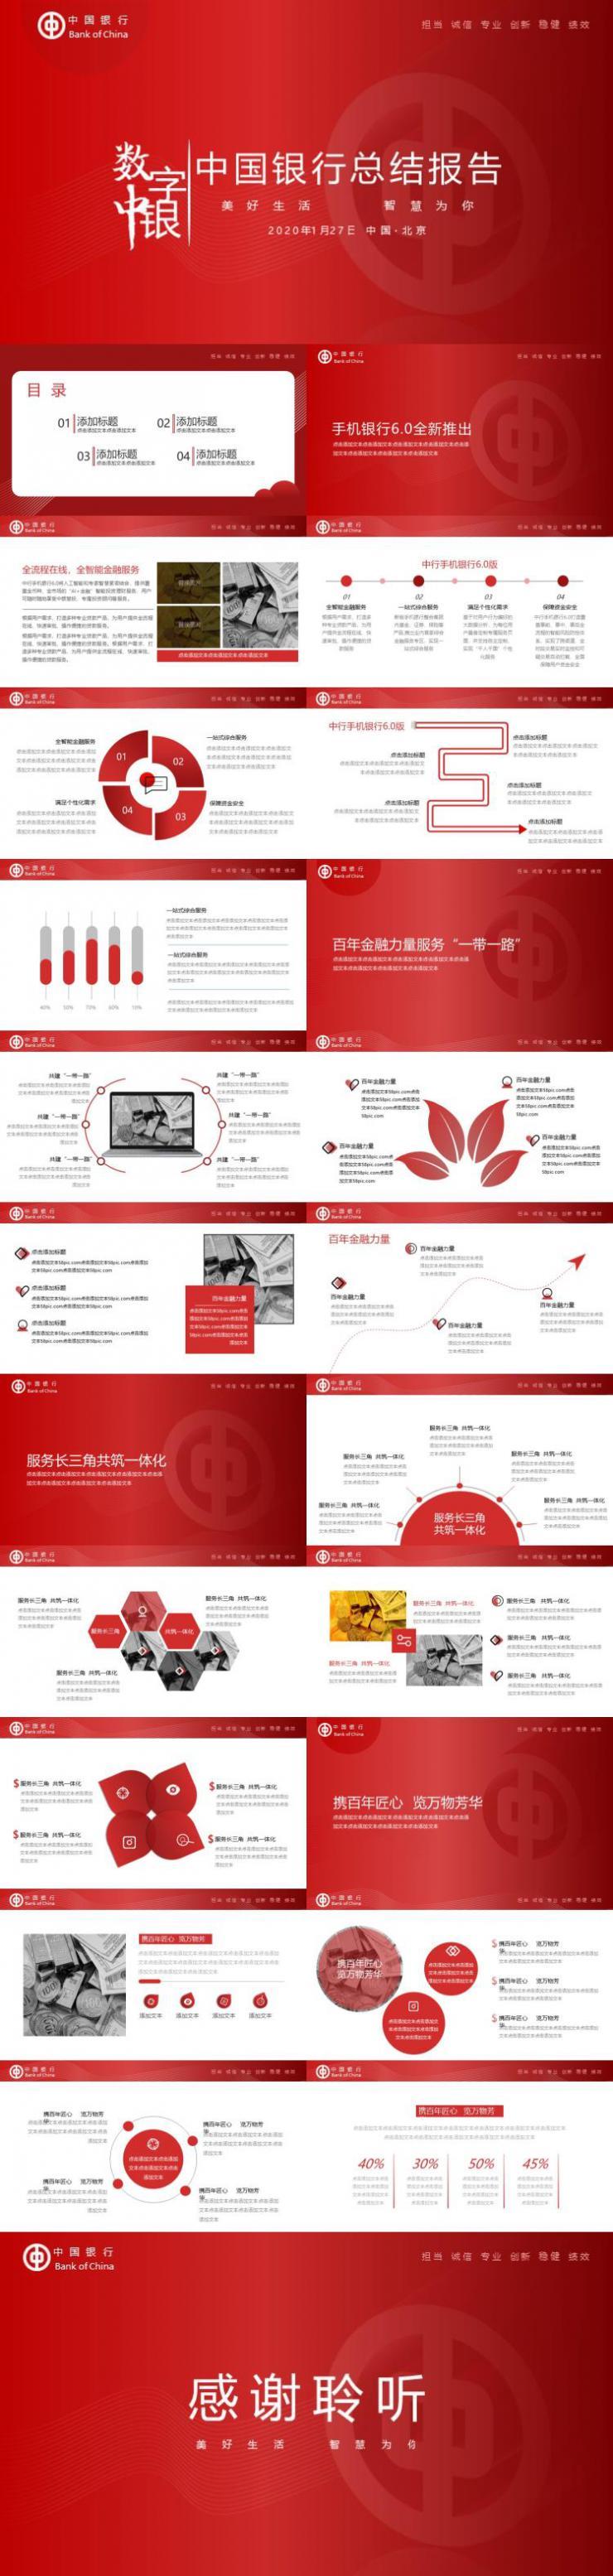 中国银行工作汇报ppt模板下载